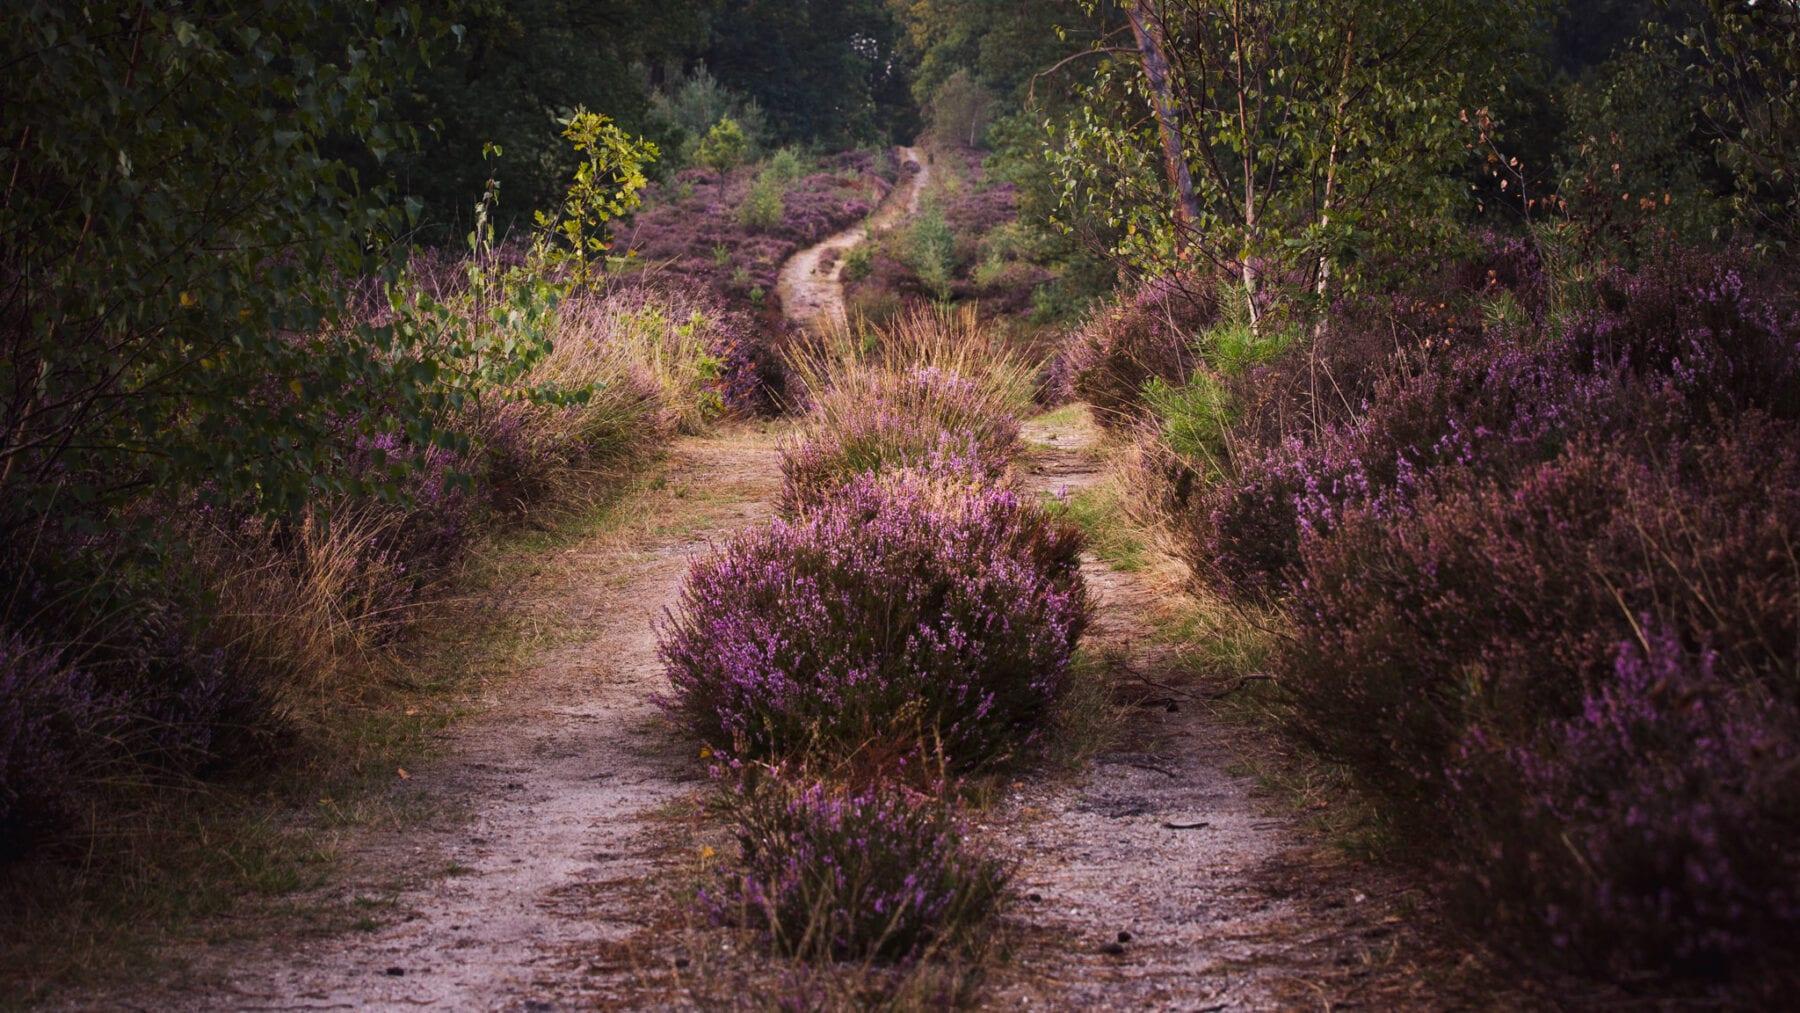 Nationaal Park de Sallandse Heuvelrug foto Ronald Jansen Paarse Heide